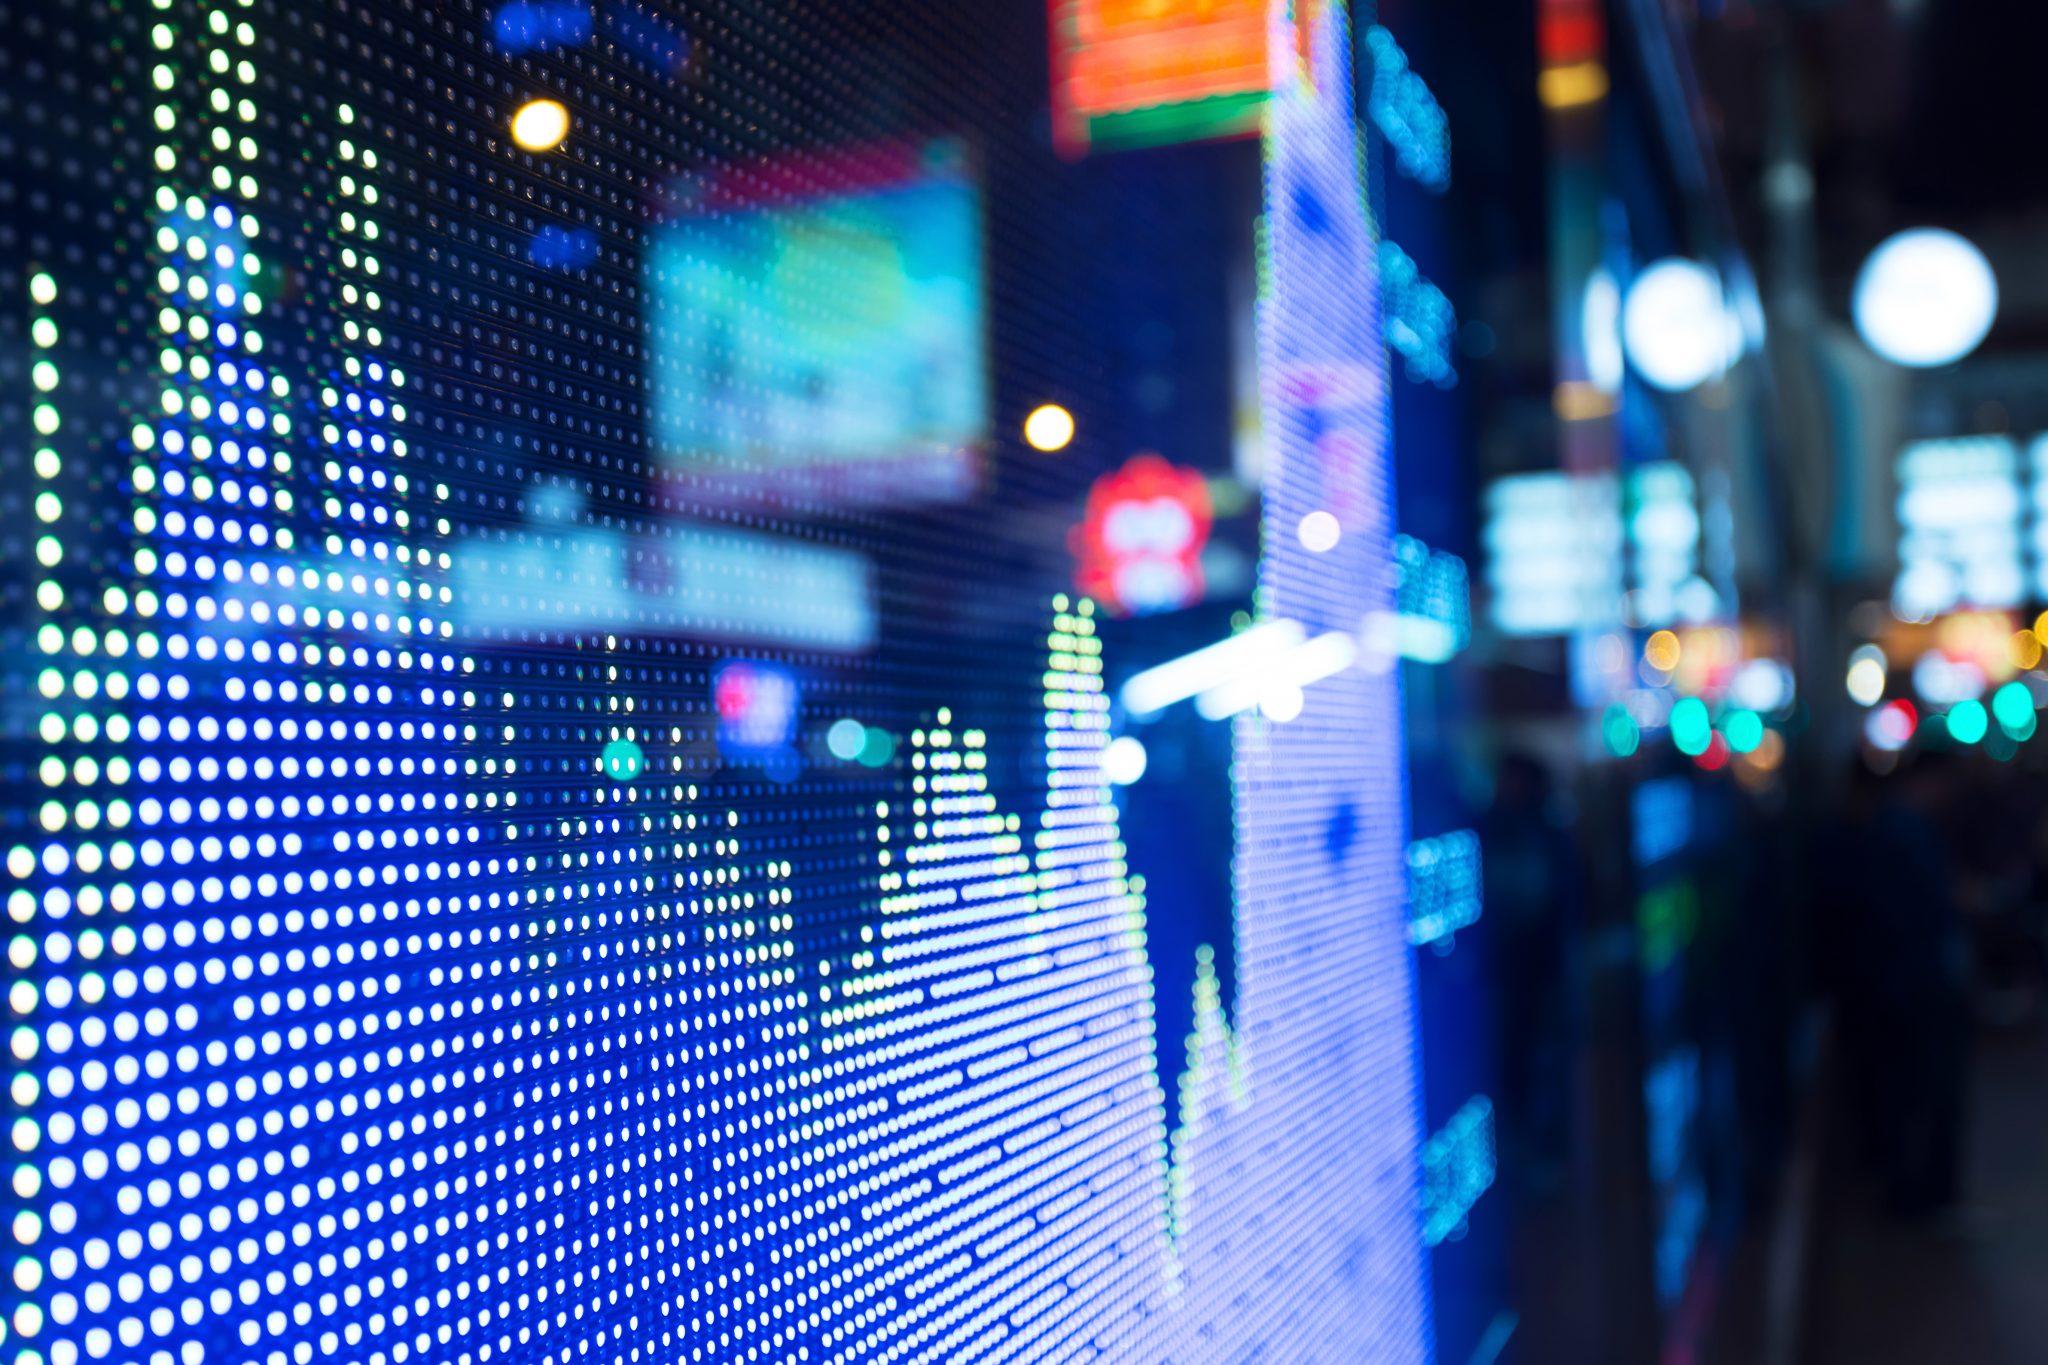 Investimento no exterior cai quase 50%